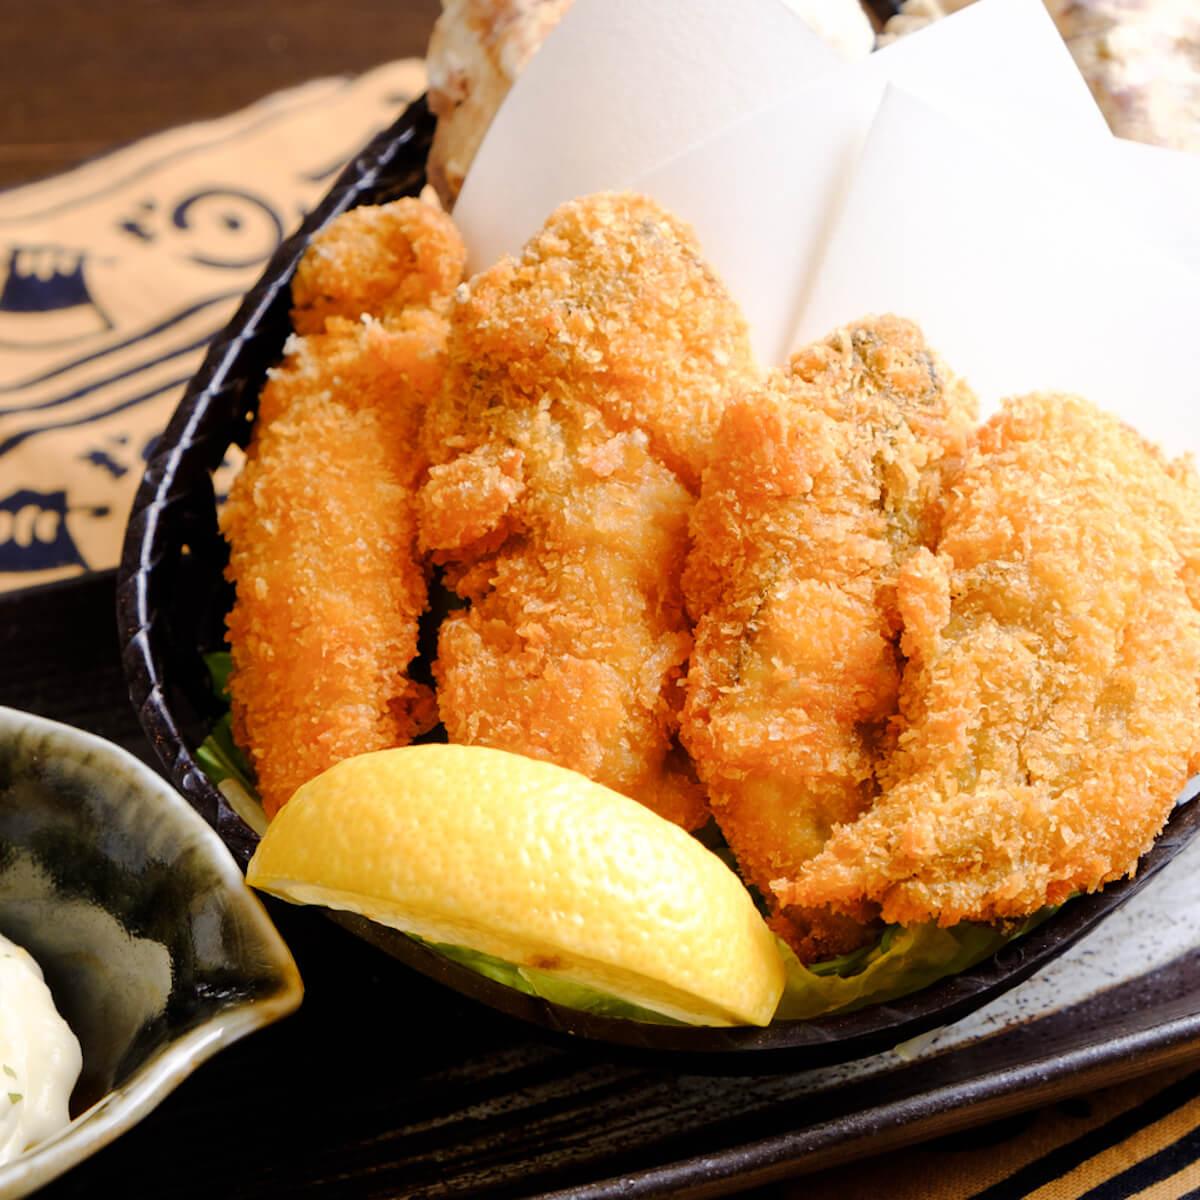 牡蠣好きのための「牡蠣尽くしコース」で牡蠣鍋!牡蠣の湯引き!お刺身!カキフライ! gourmet181214-oyster-4